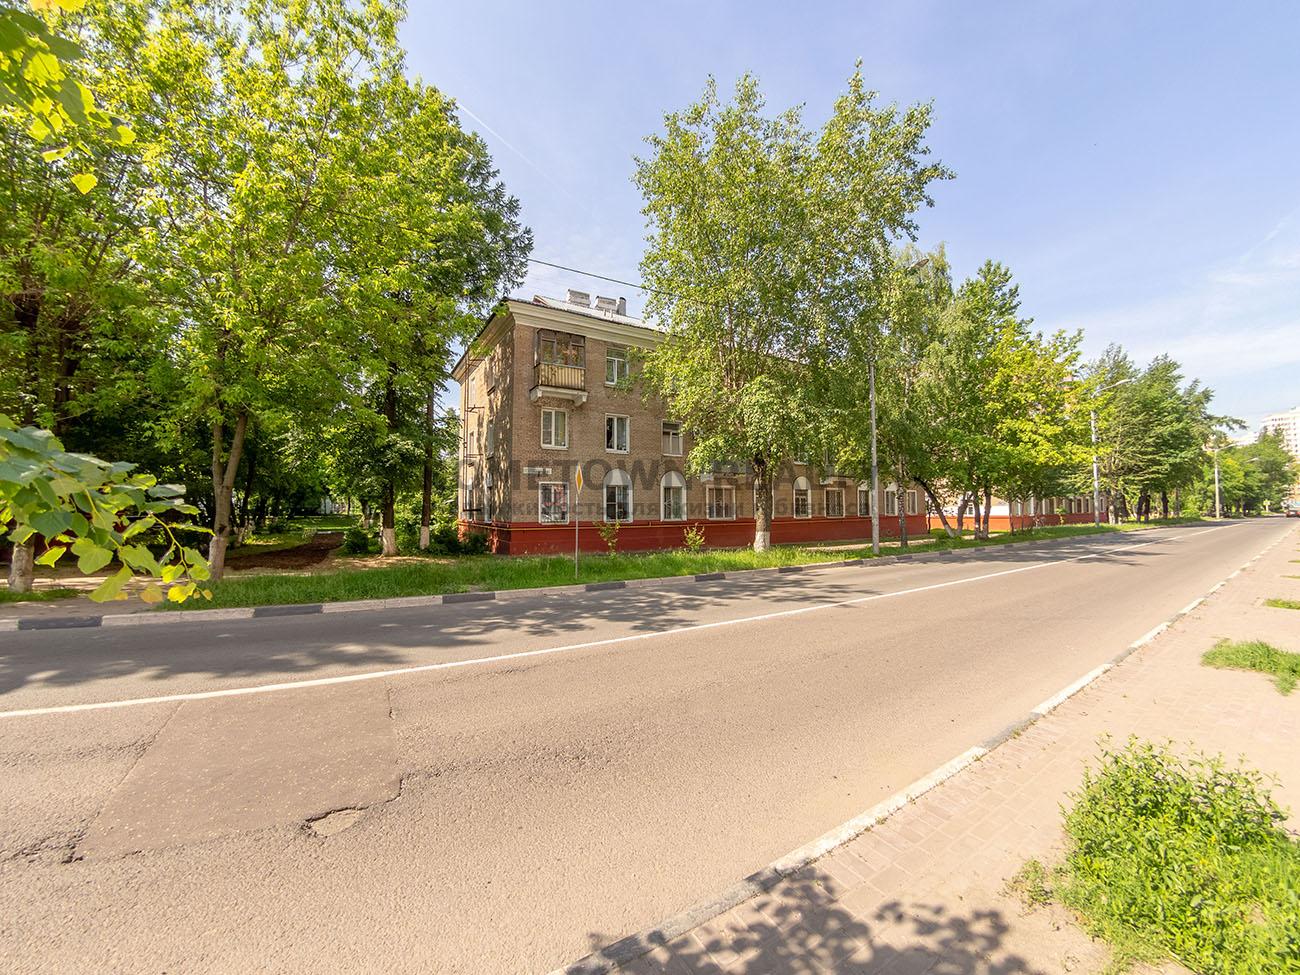 Квартира 49,4 м2 в Балашихе